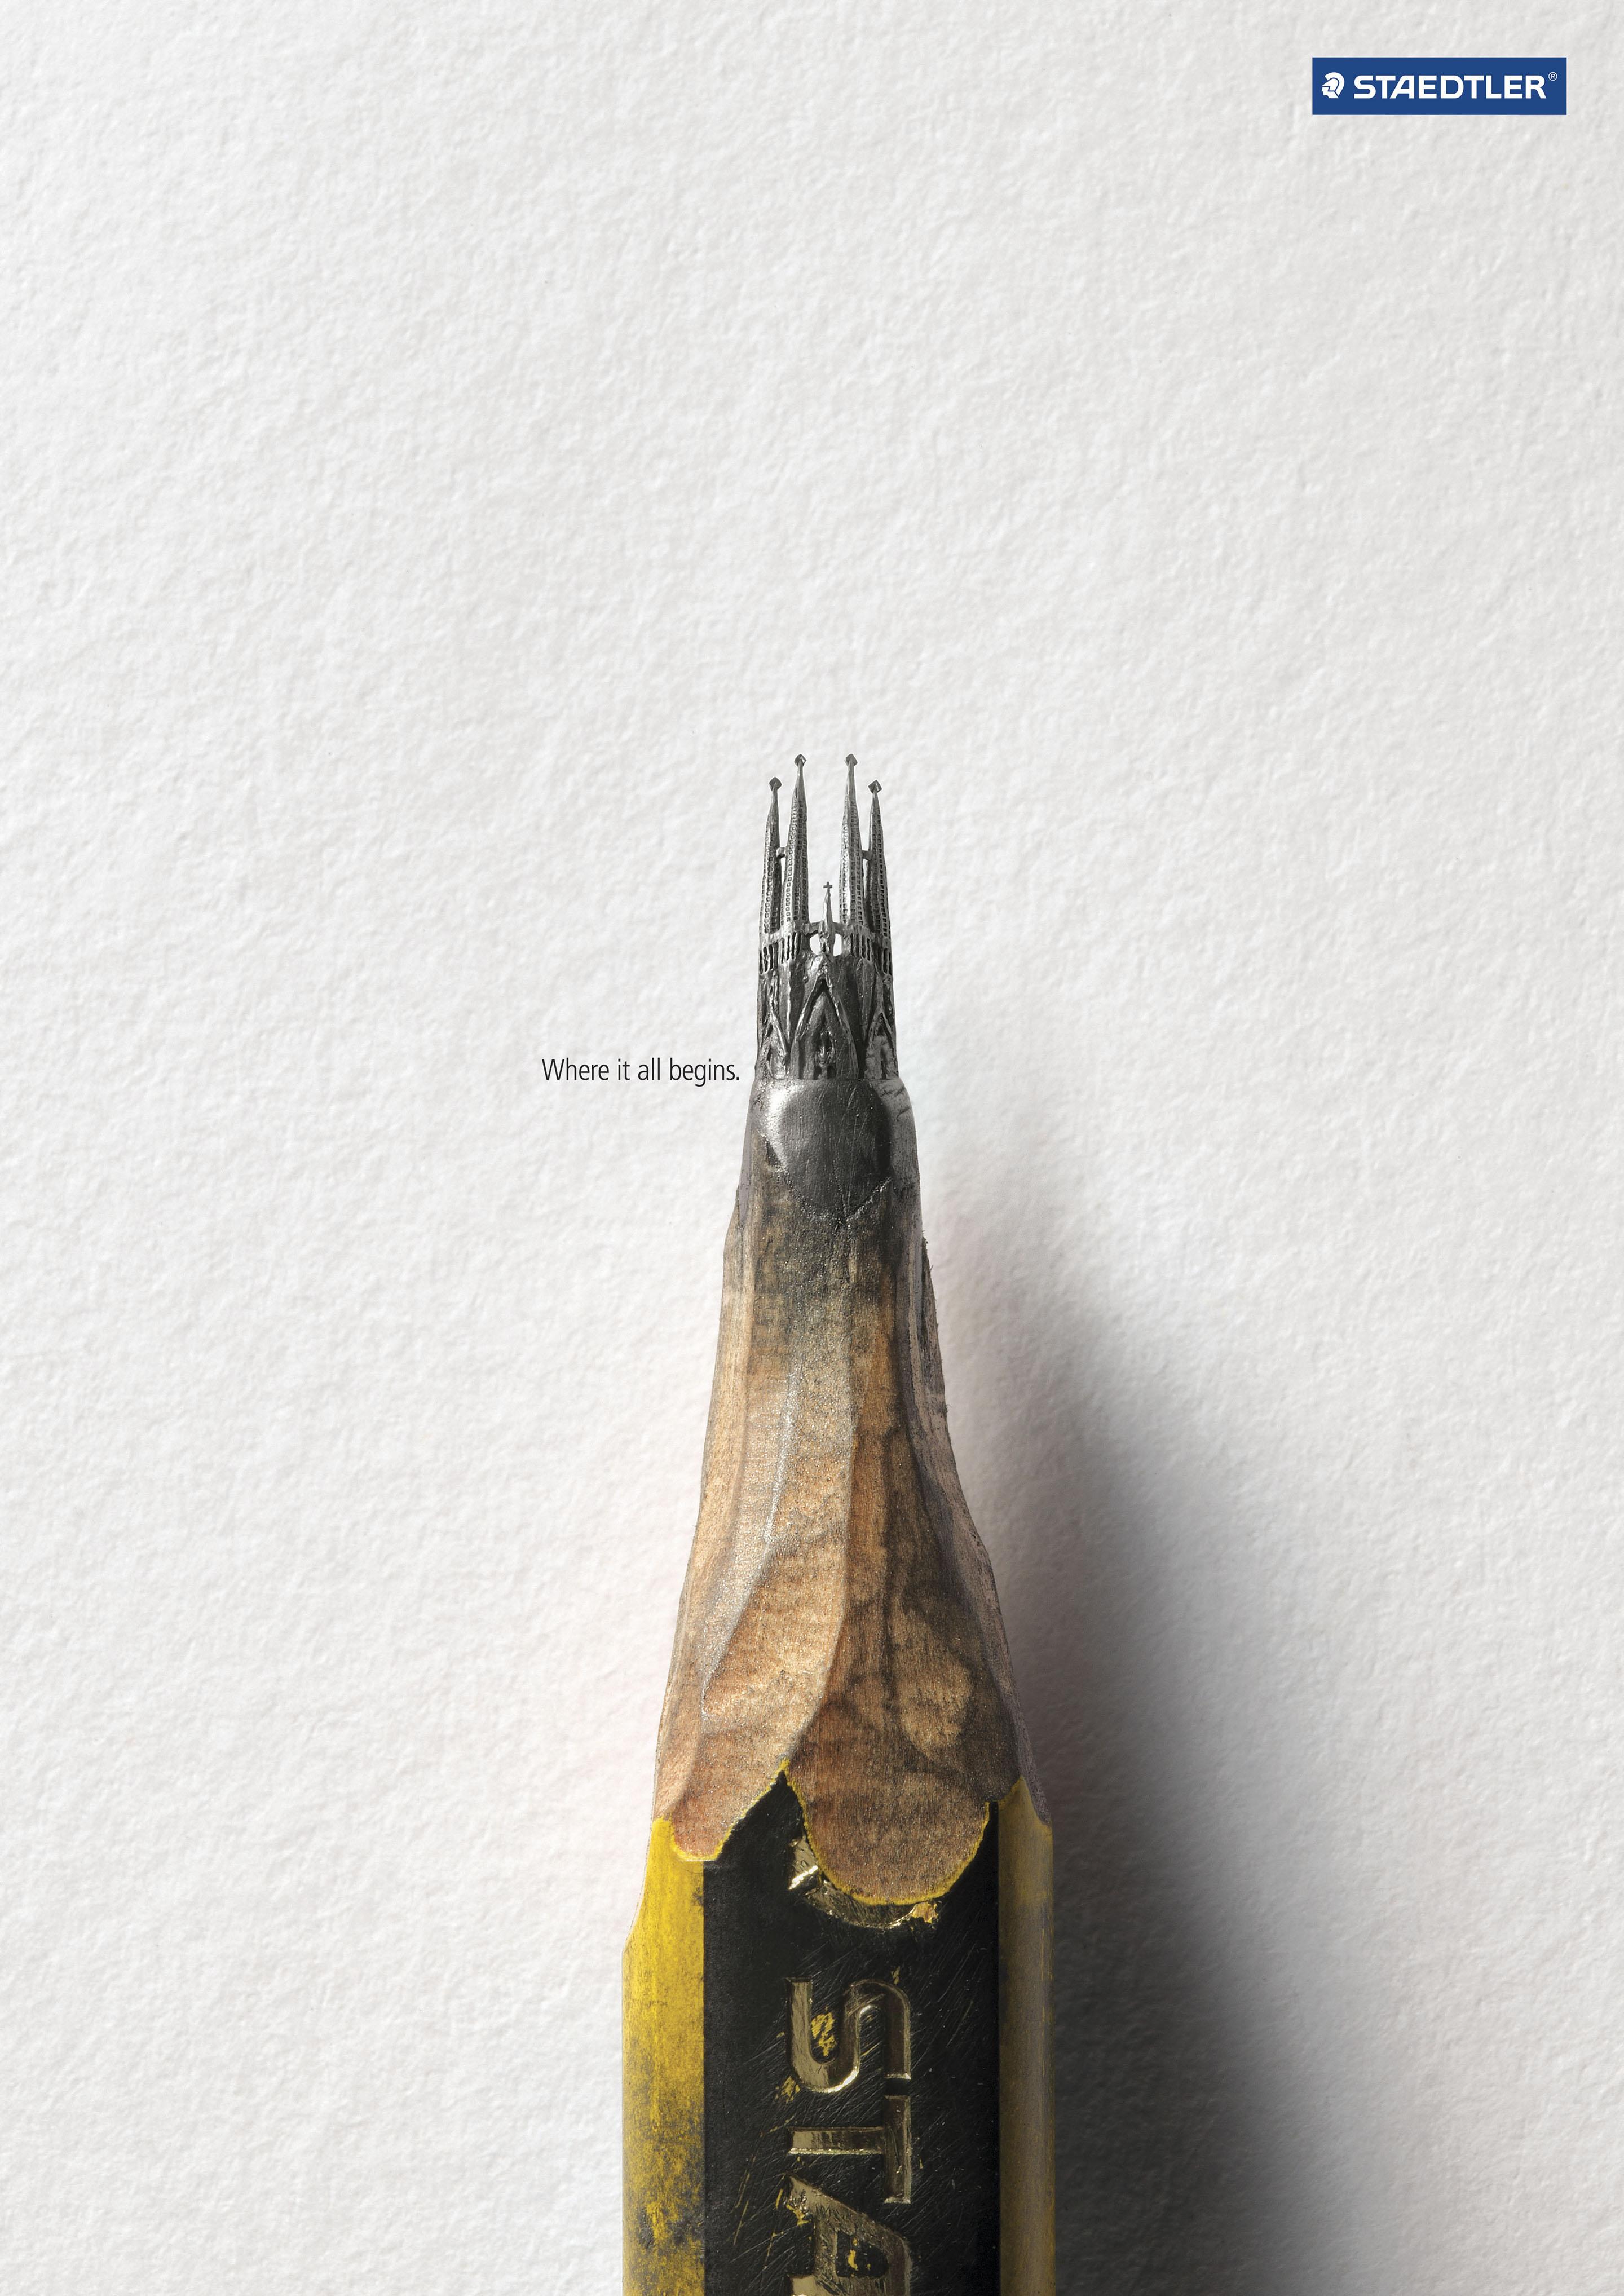 Reklam çalışmalarınızda ölçeklere gerekli dikkati gösterin.